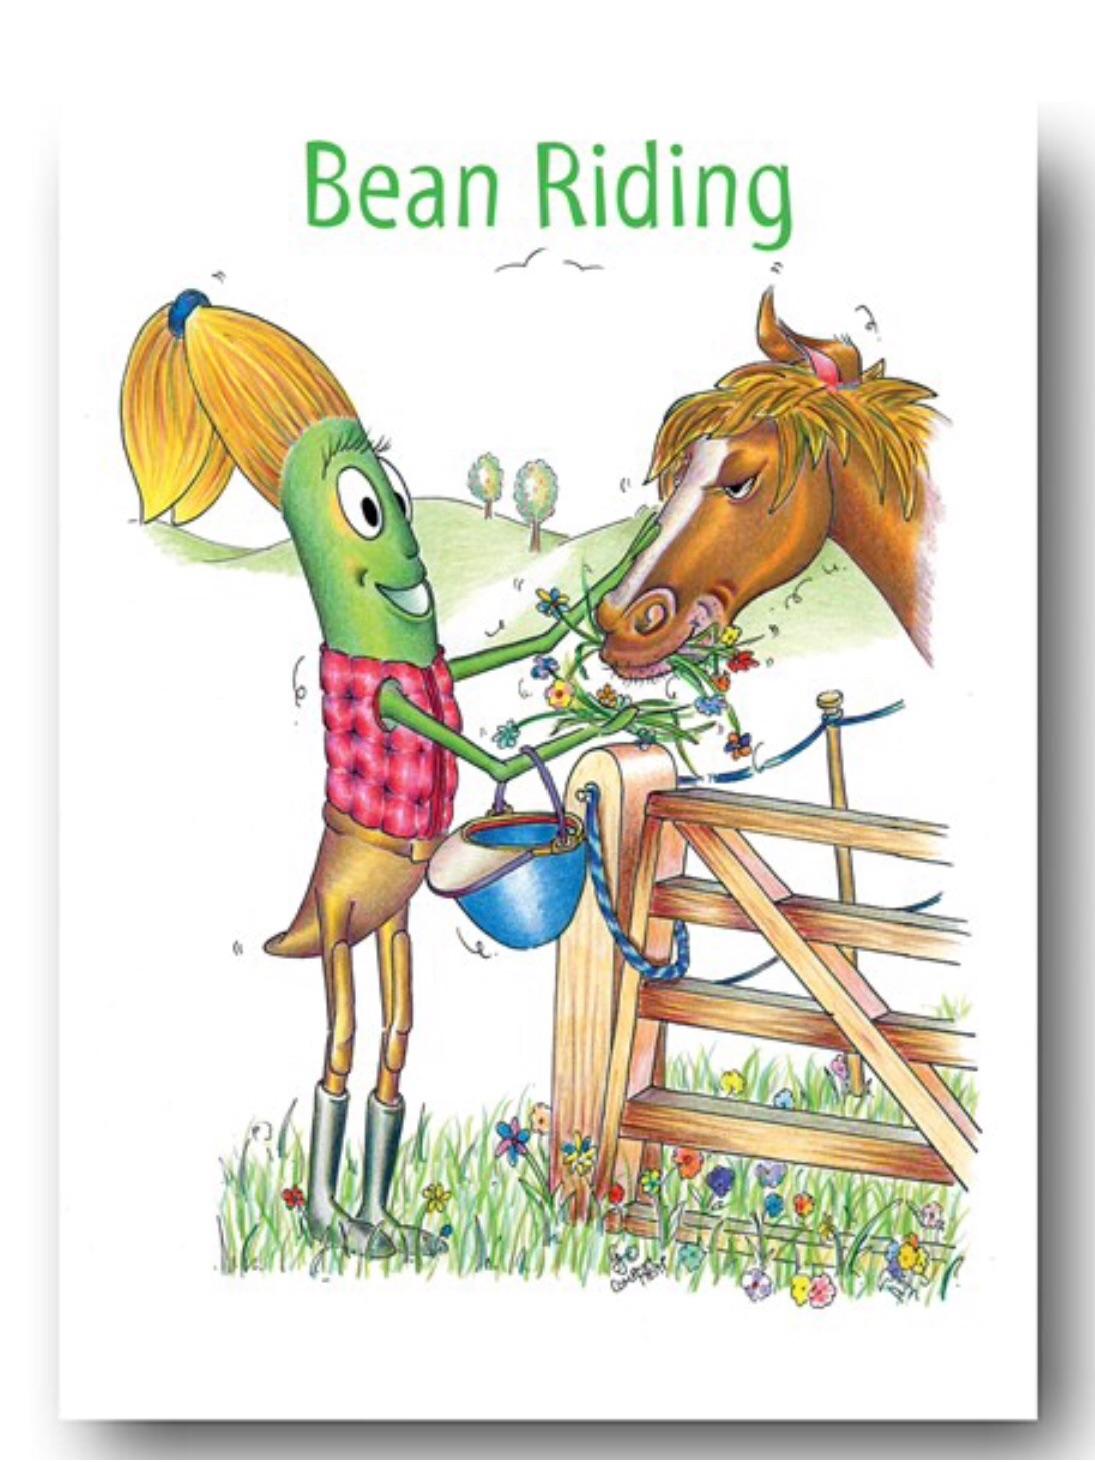 Bean Riding Card